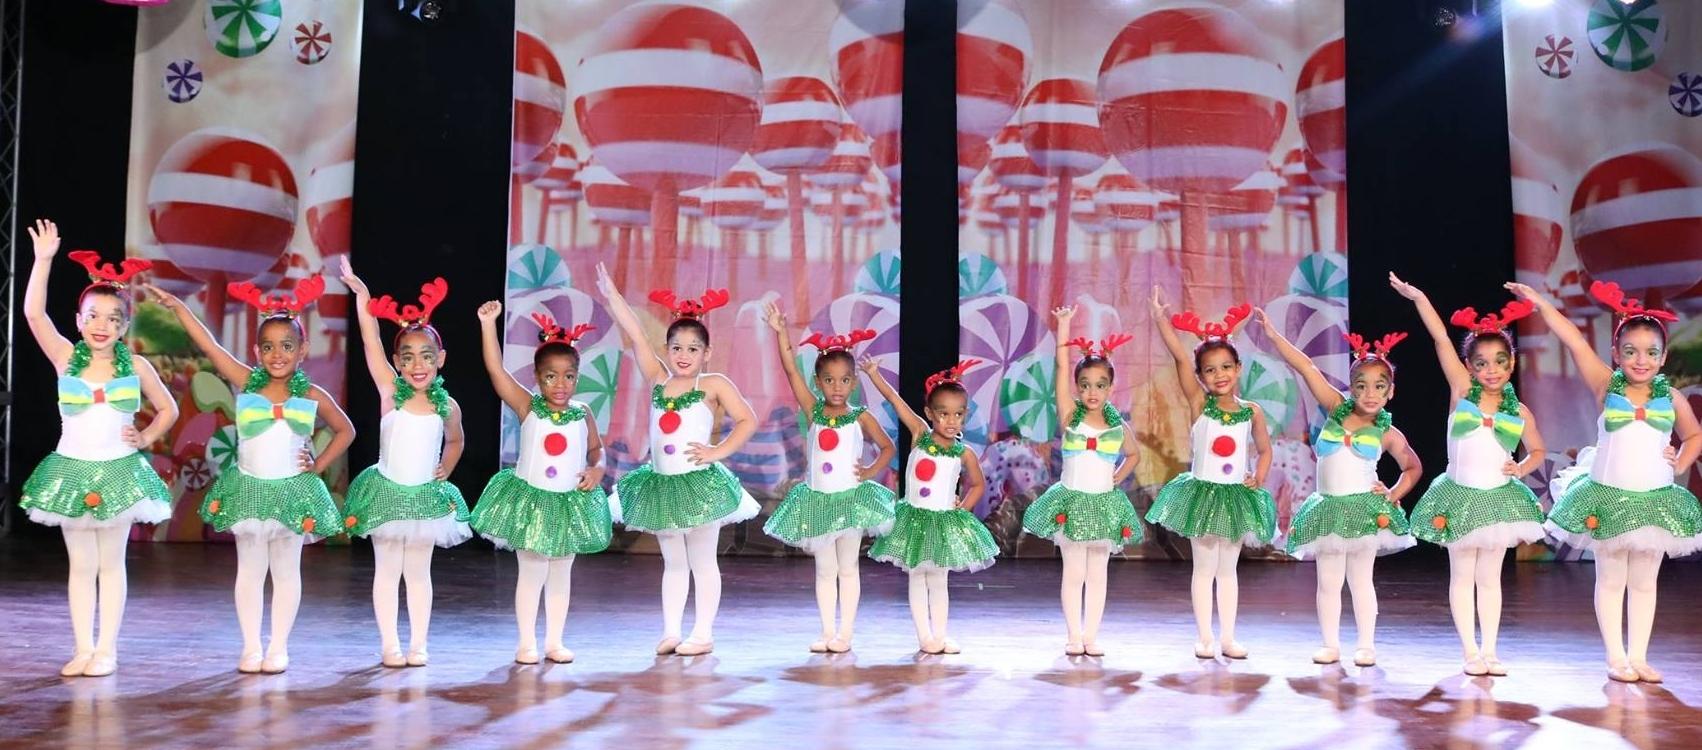 ballet12.jpg